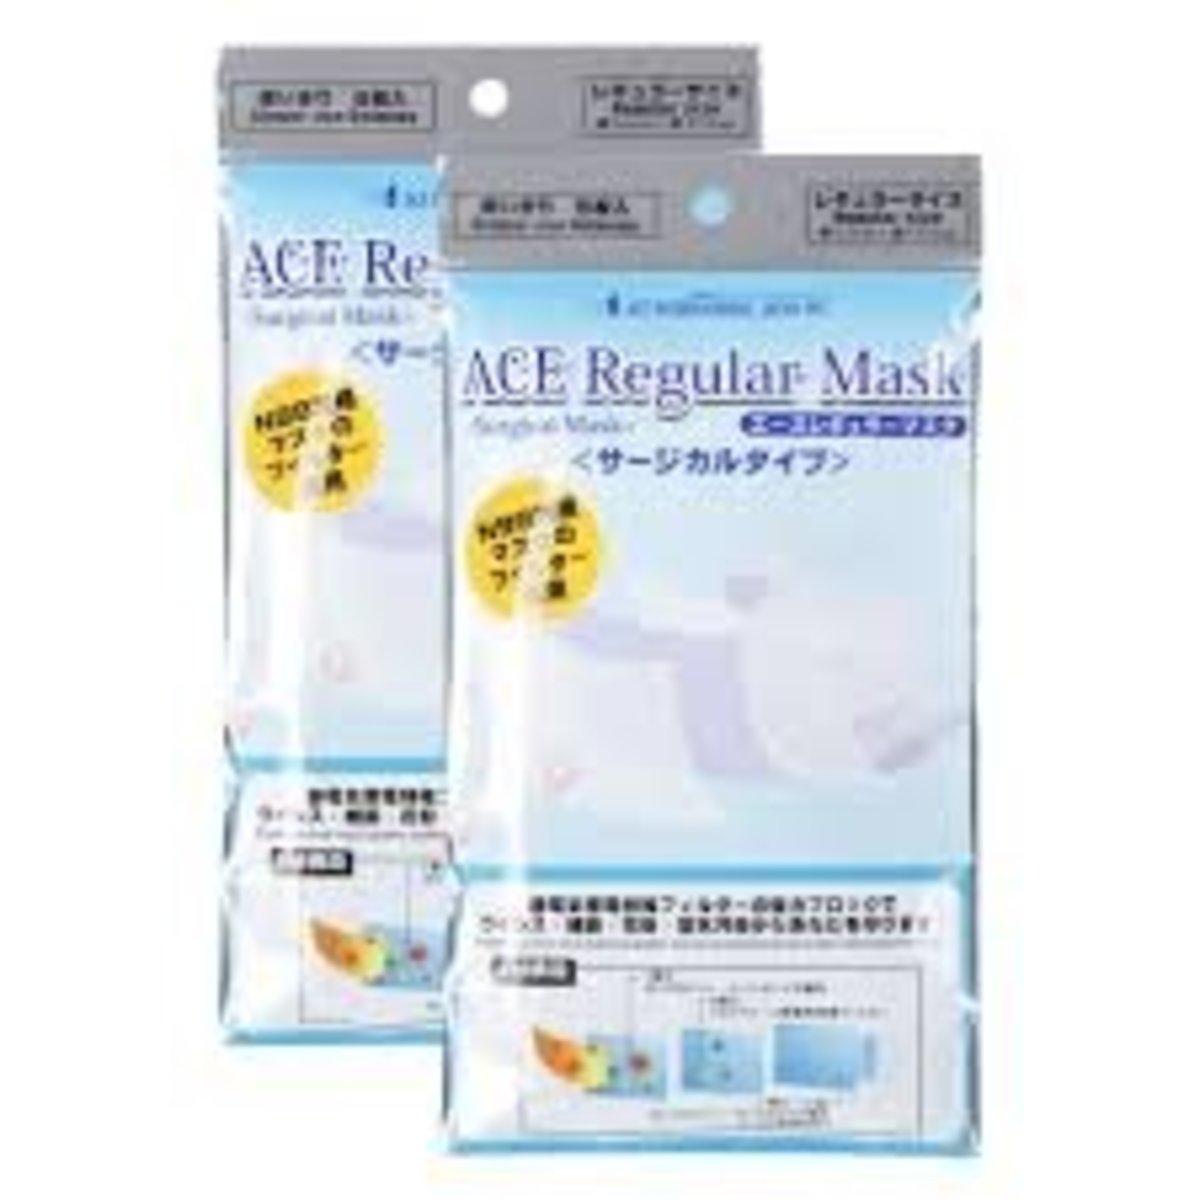 (2包/[1包5個共10個]) ACE Regular Mask 外科口罩 N99 規格  -日本進口